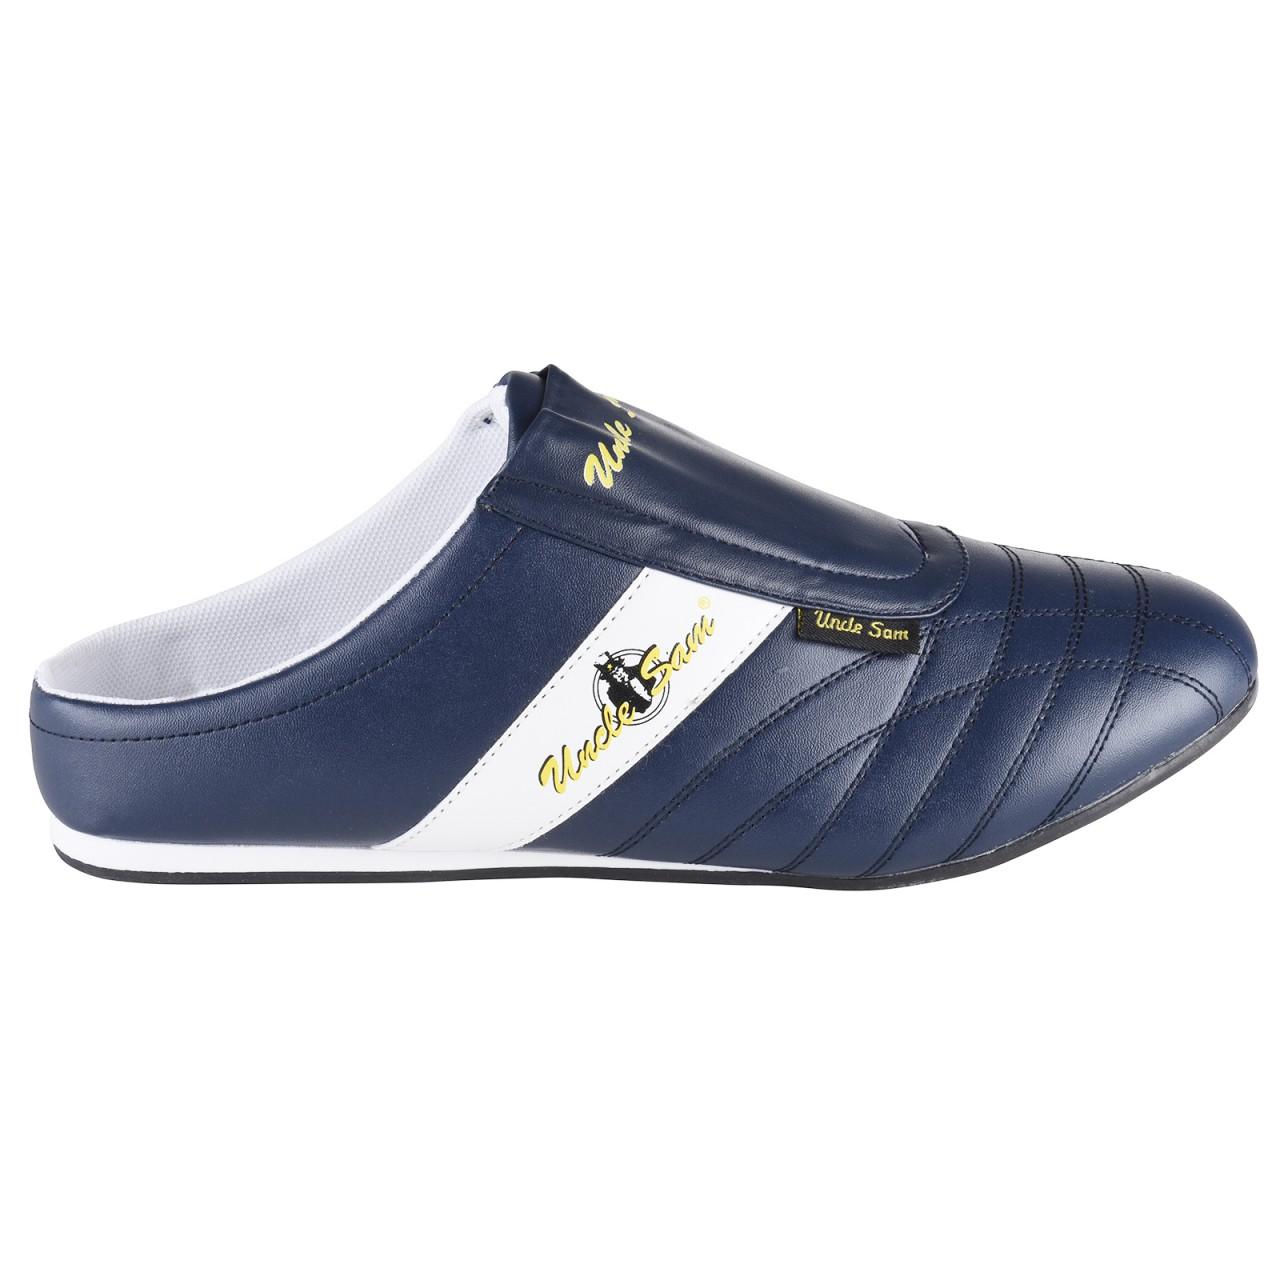 Uncle Sam Herren Fashion Sabots in Dunkelblau: Schuhe